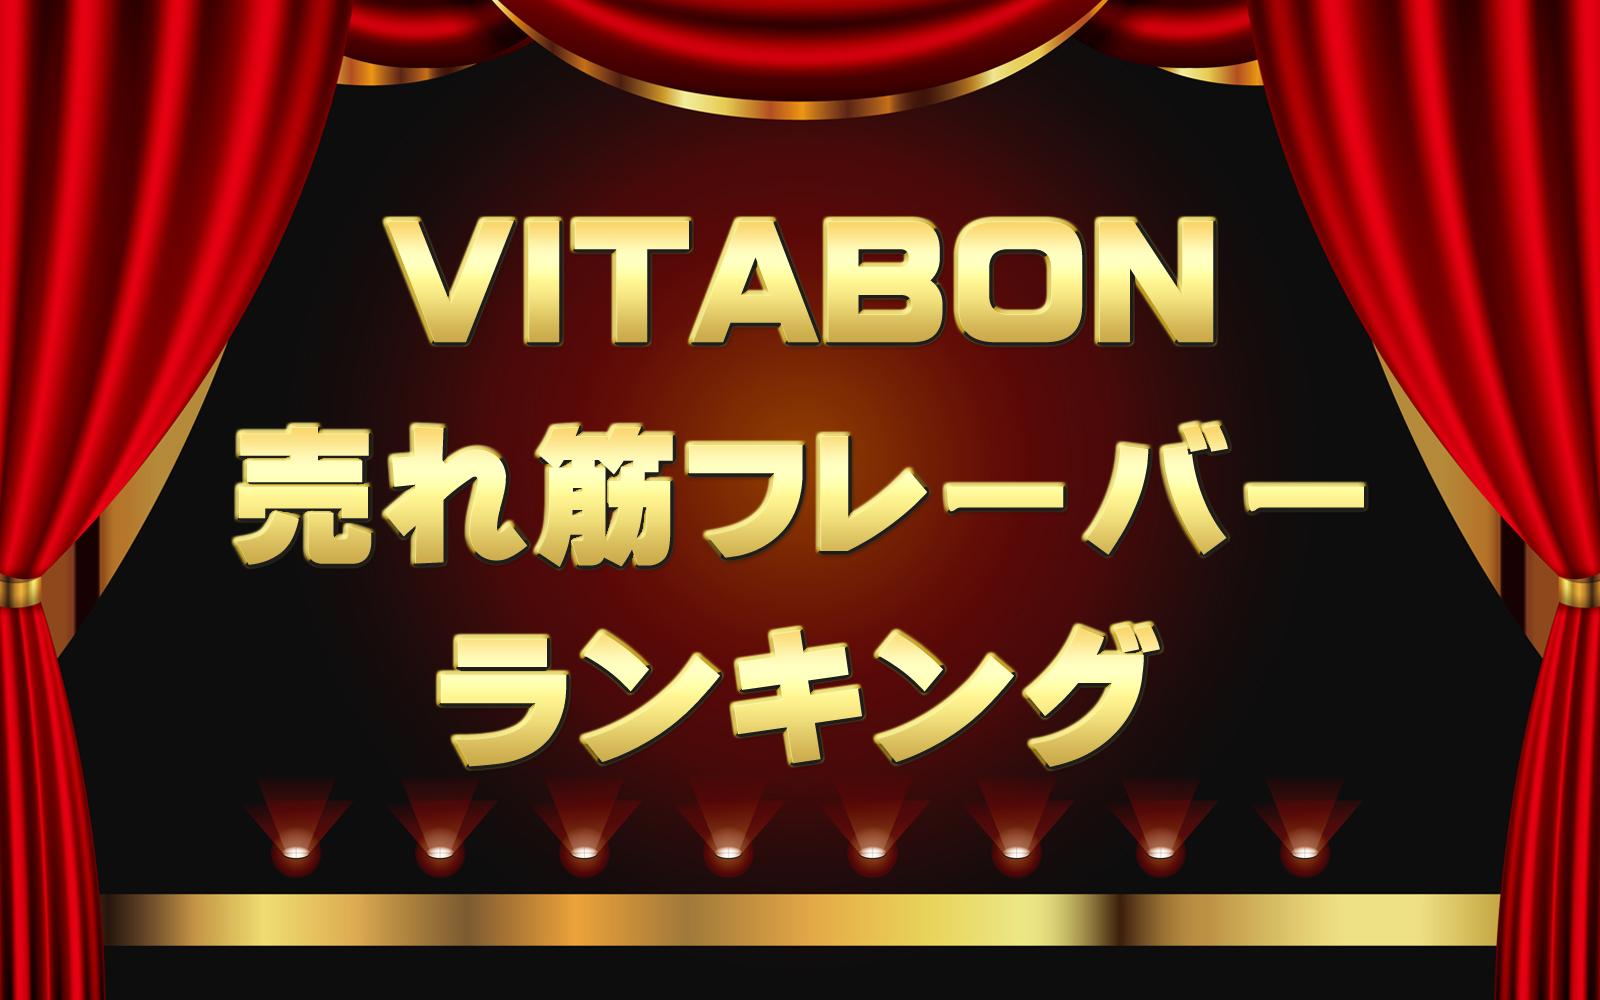 VITABON(ビタボン)人気フレーバーランキング!~売れてる順~